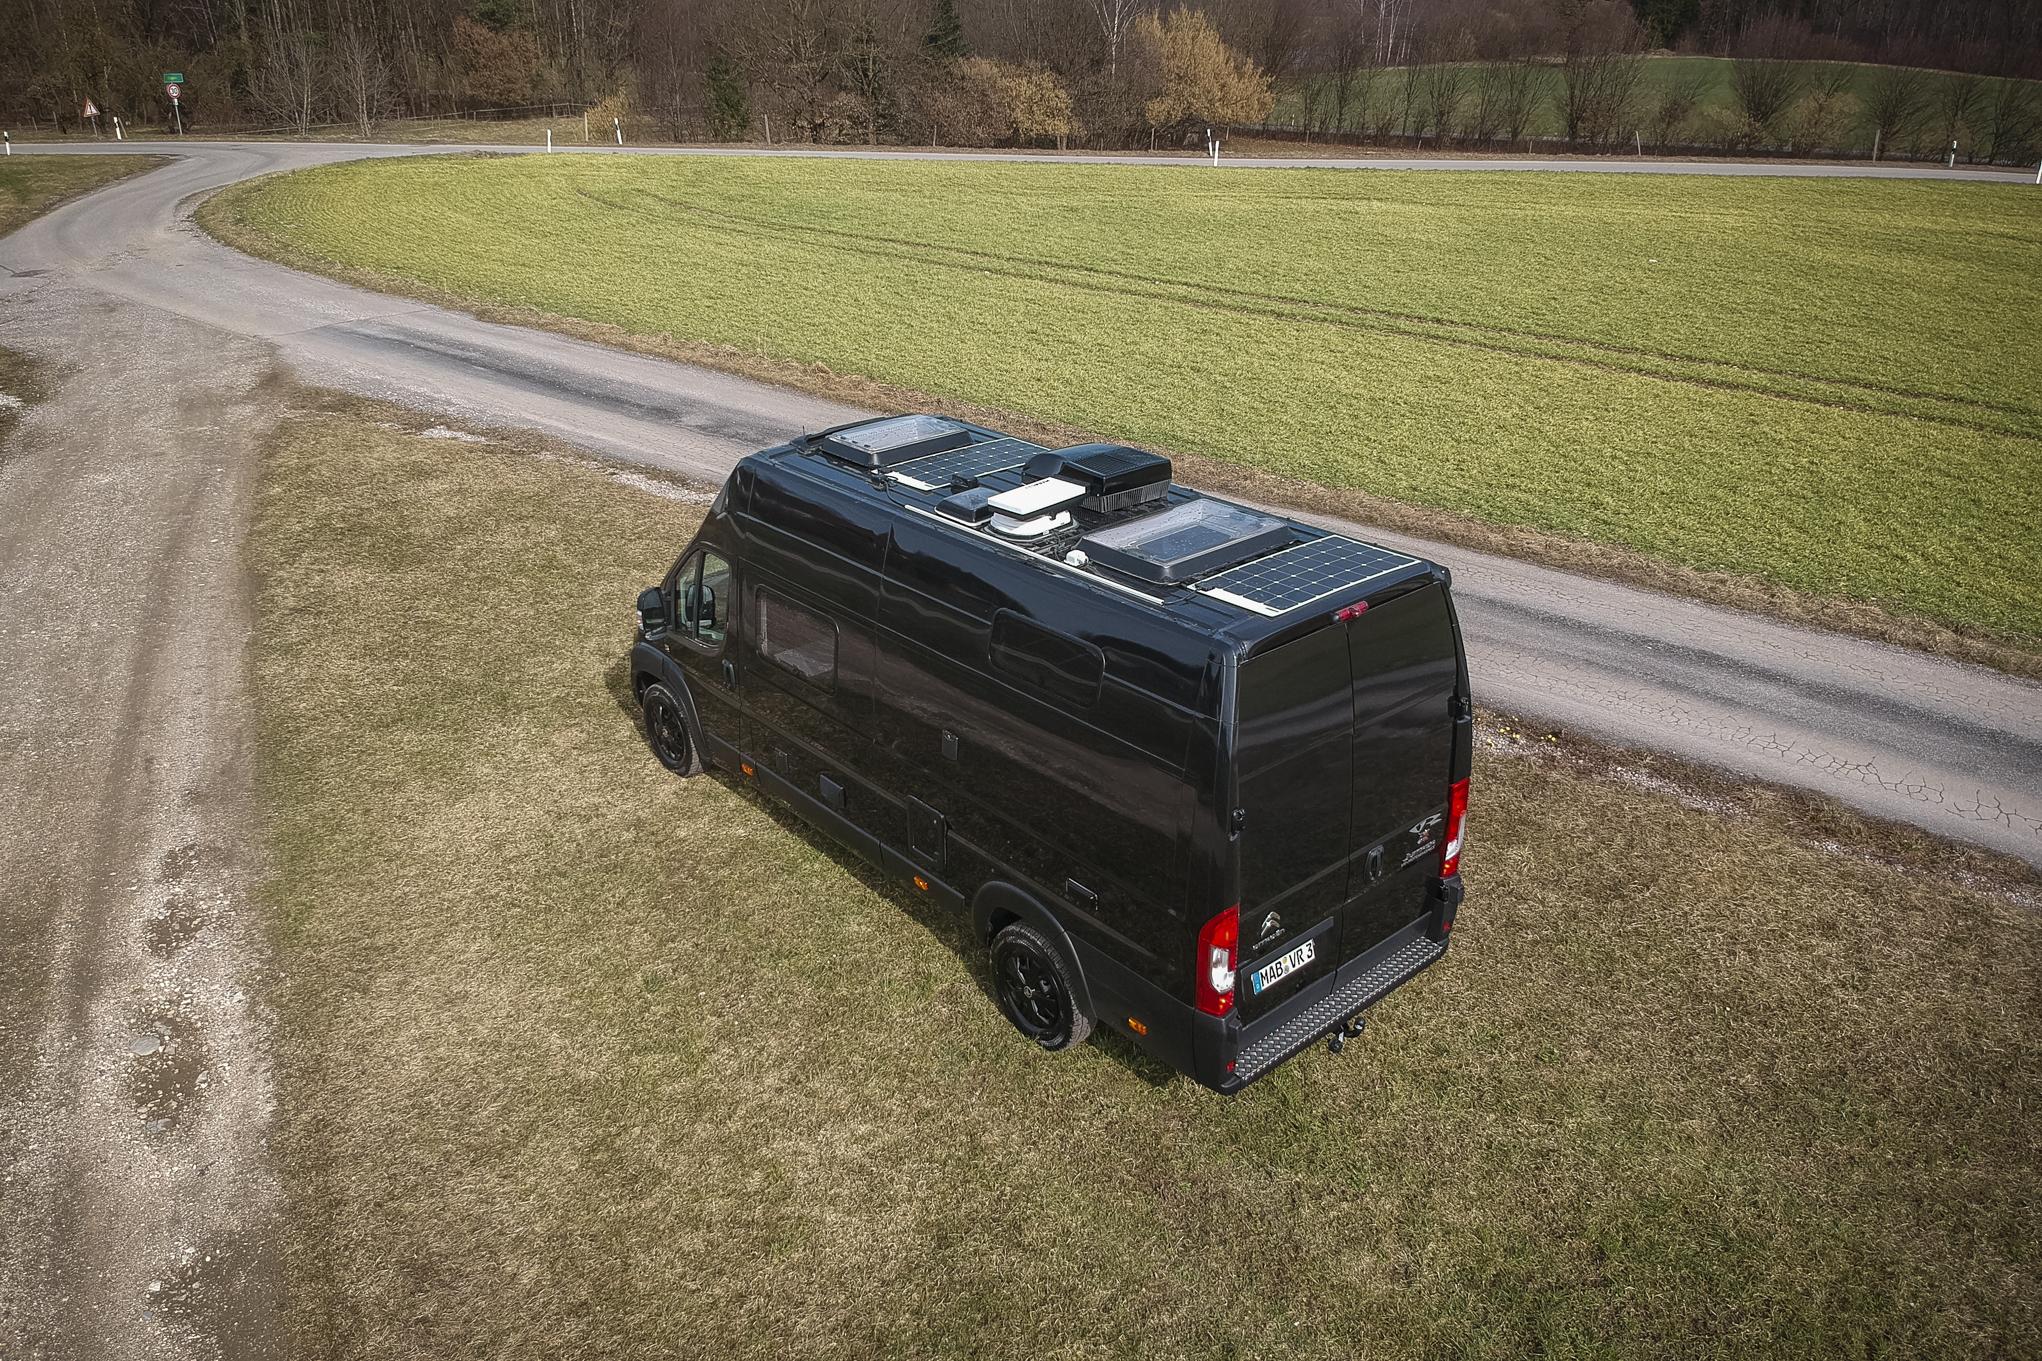 Renntransporter Luxus camper motorrad garage heckgarage wohmobil unter 3,5t